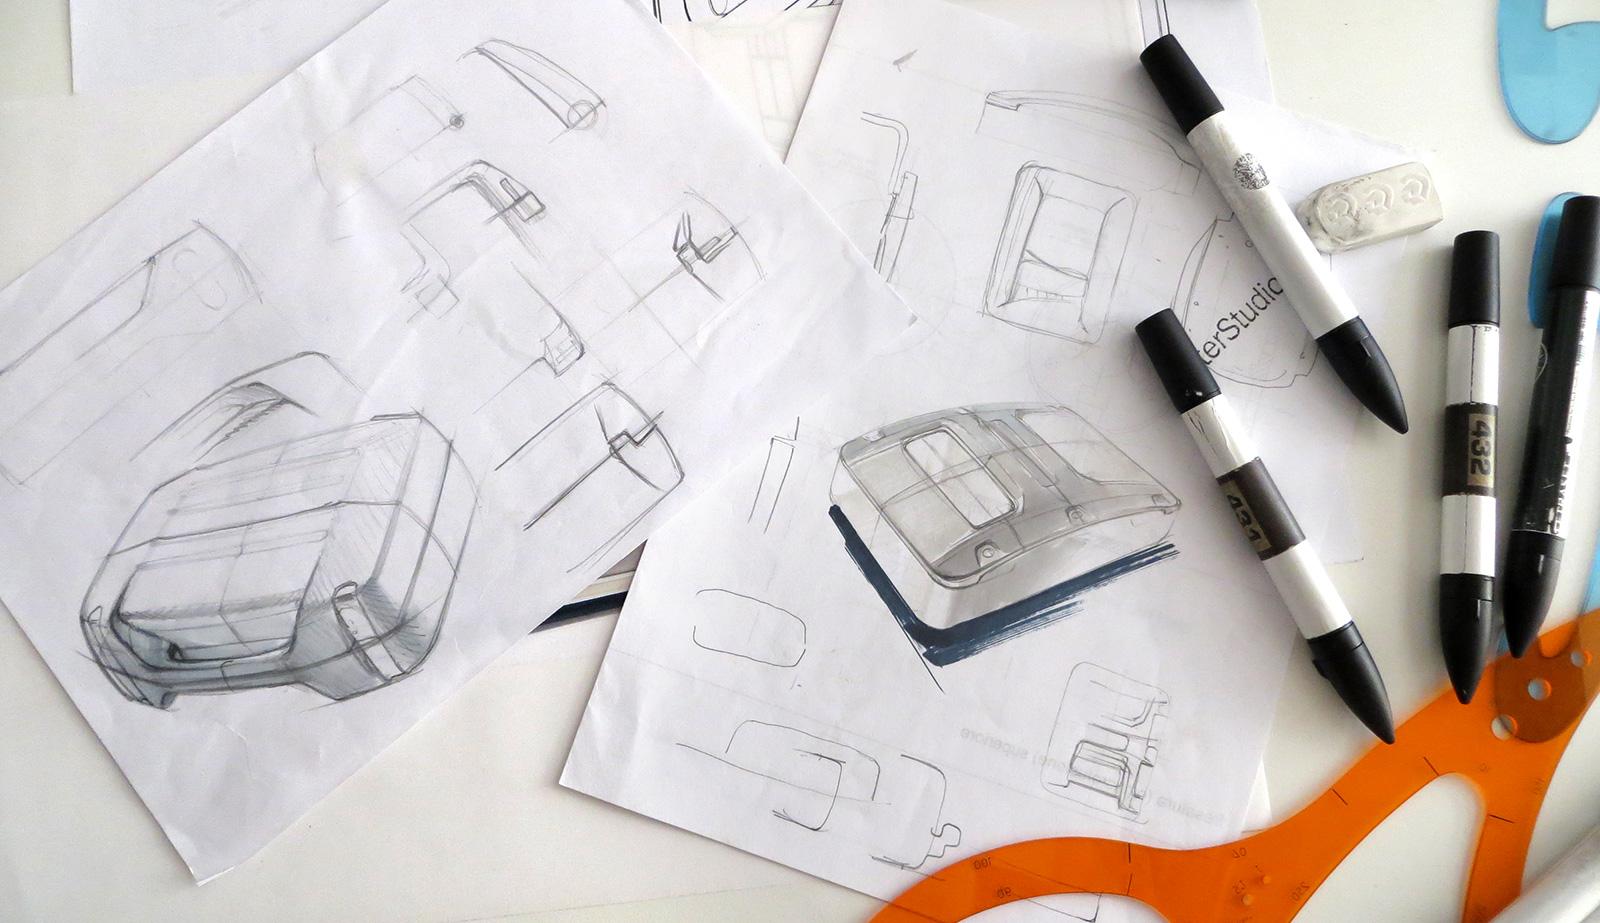 Servizi per la realizzazione e progettazione di prodotti e sviluppo dell